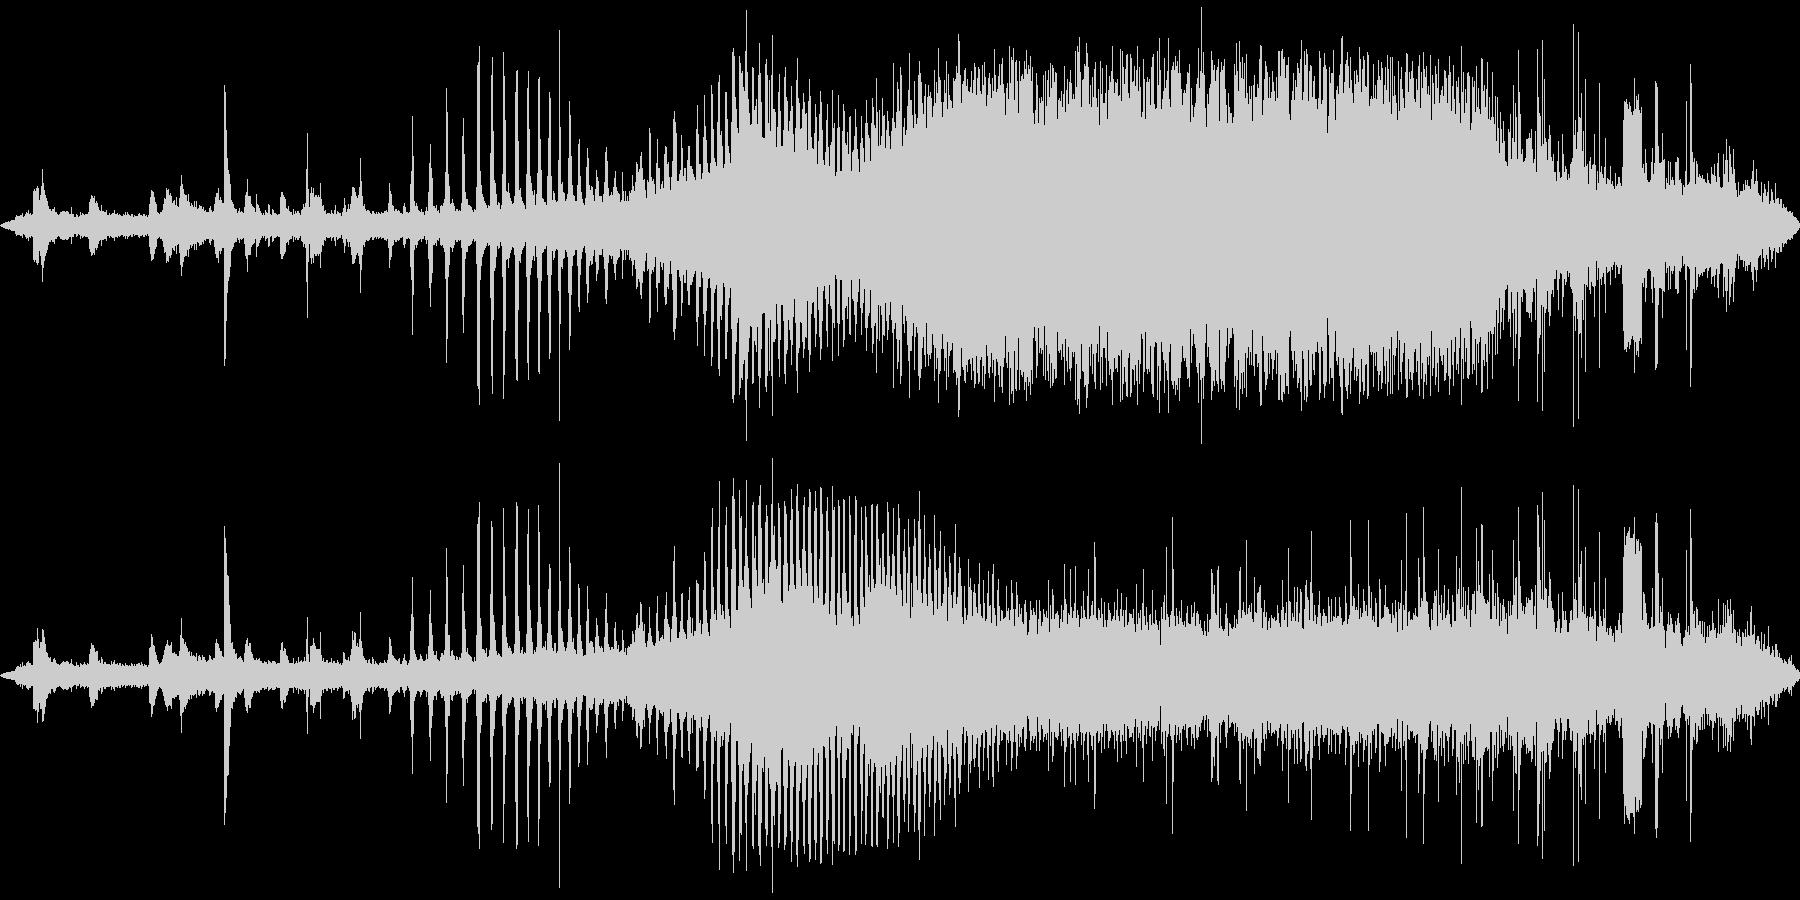 蒸気機関車の発車する音の未再生の波形